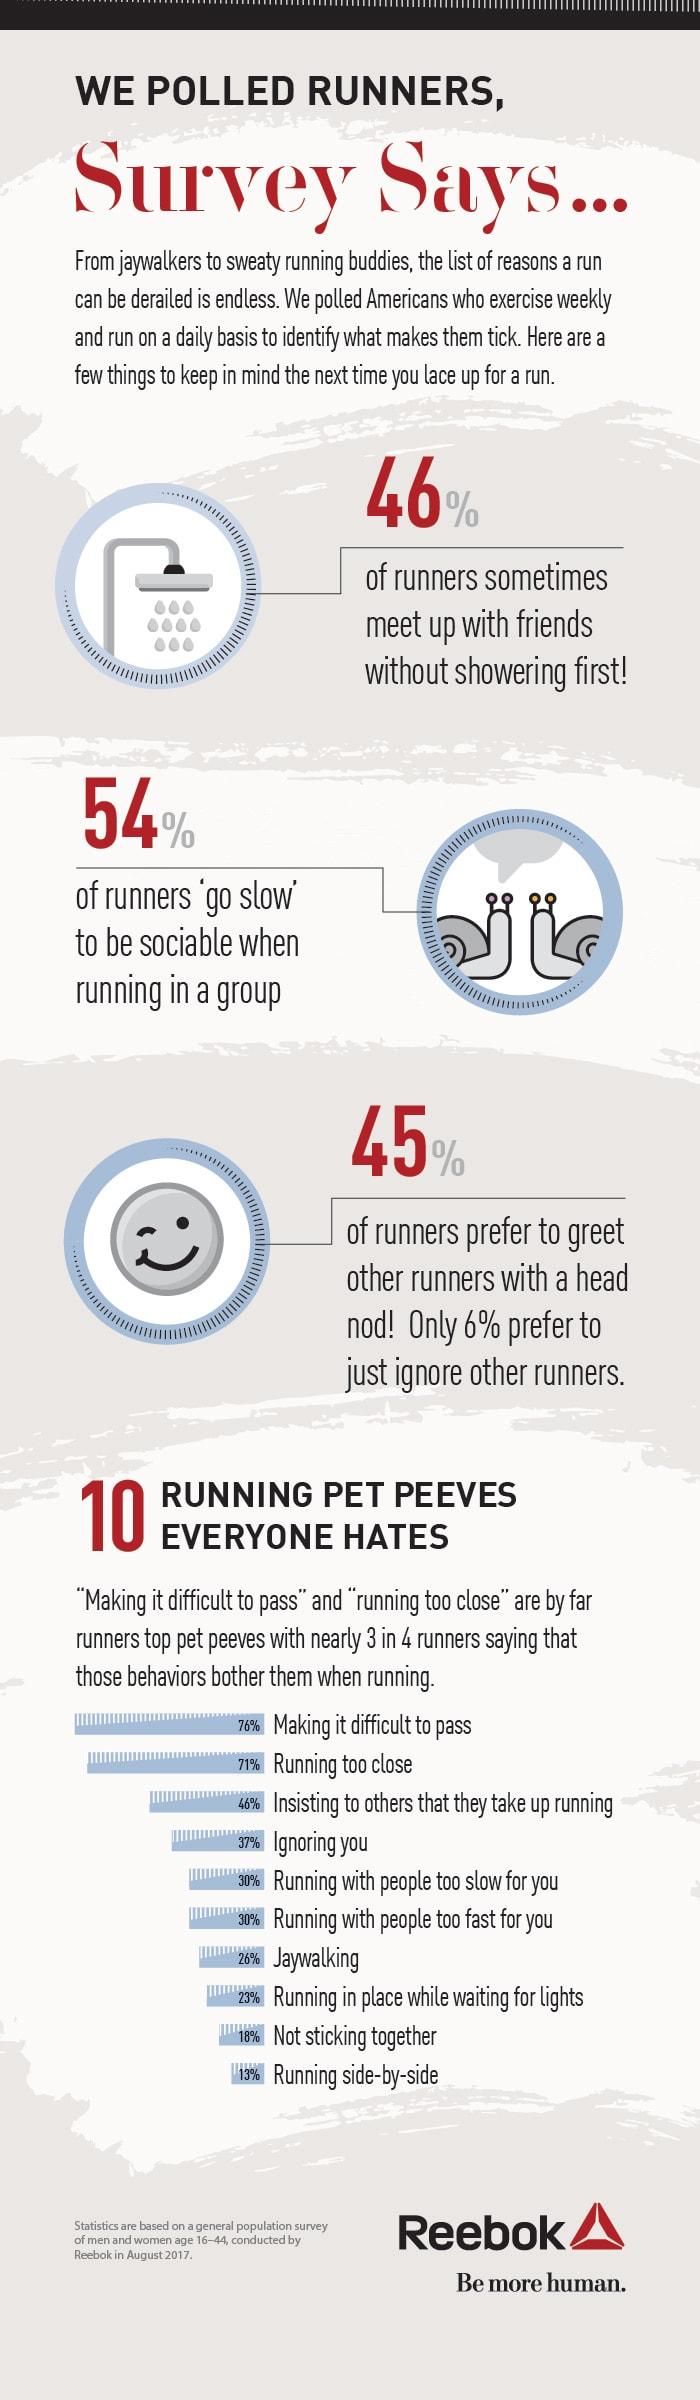 running-etiquette-infographic